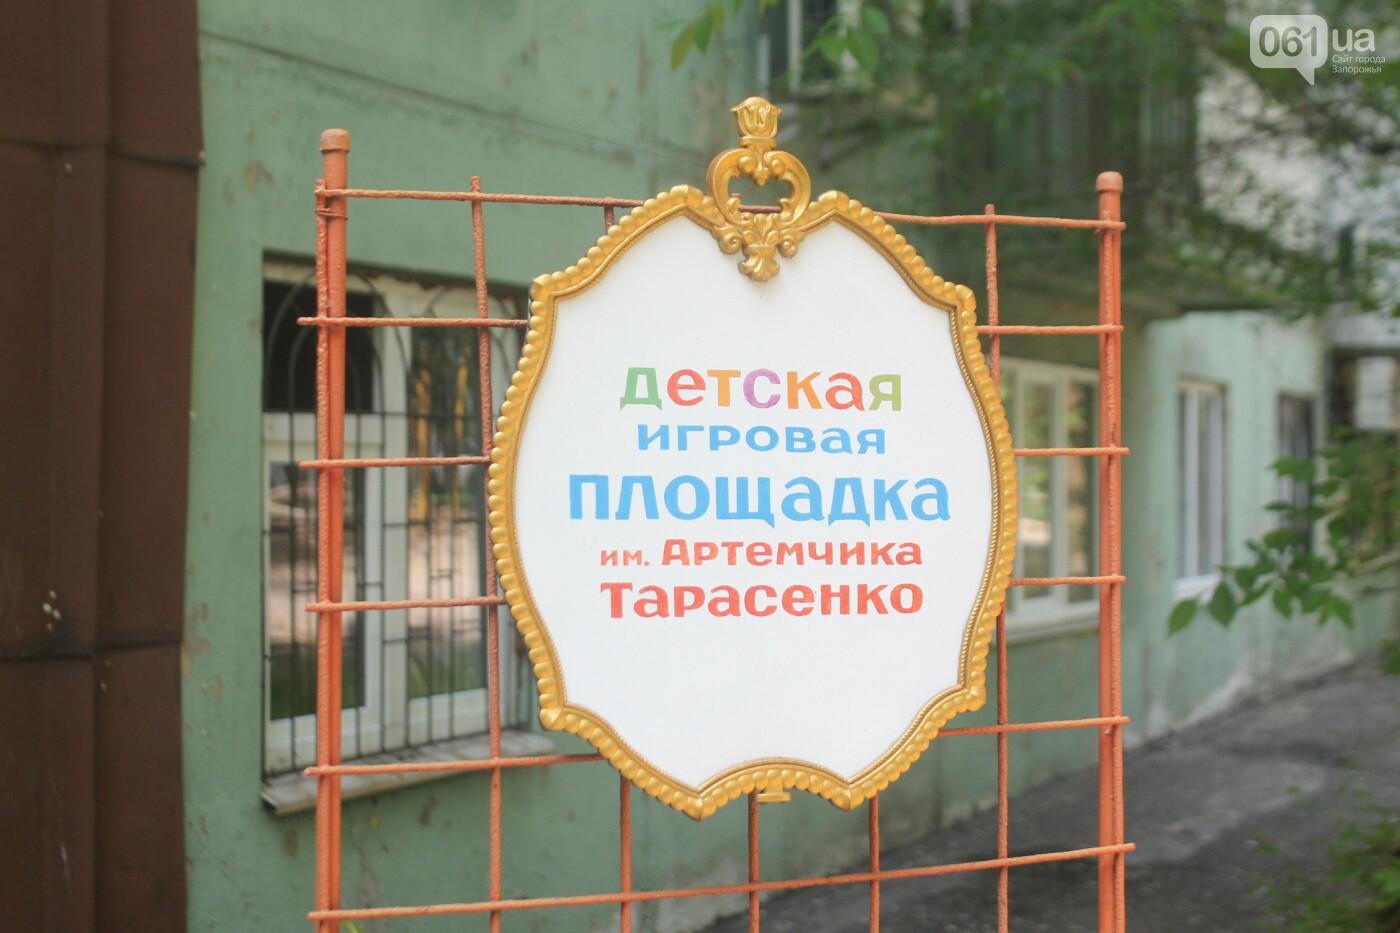 Сказочный городок дедушки Евгения: как запорожский пенсионер превратил заброшенный палисадник в зону для детей, – ФОТОРЕПОРТАЖ, фото-14